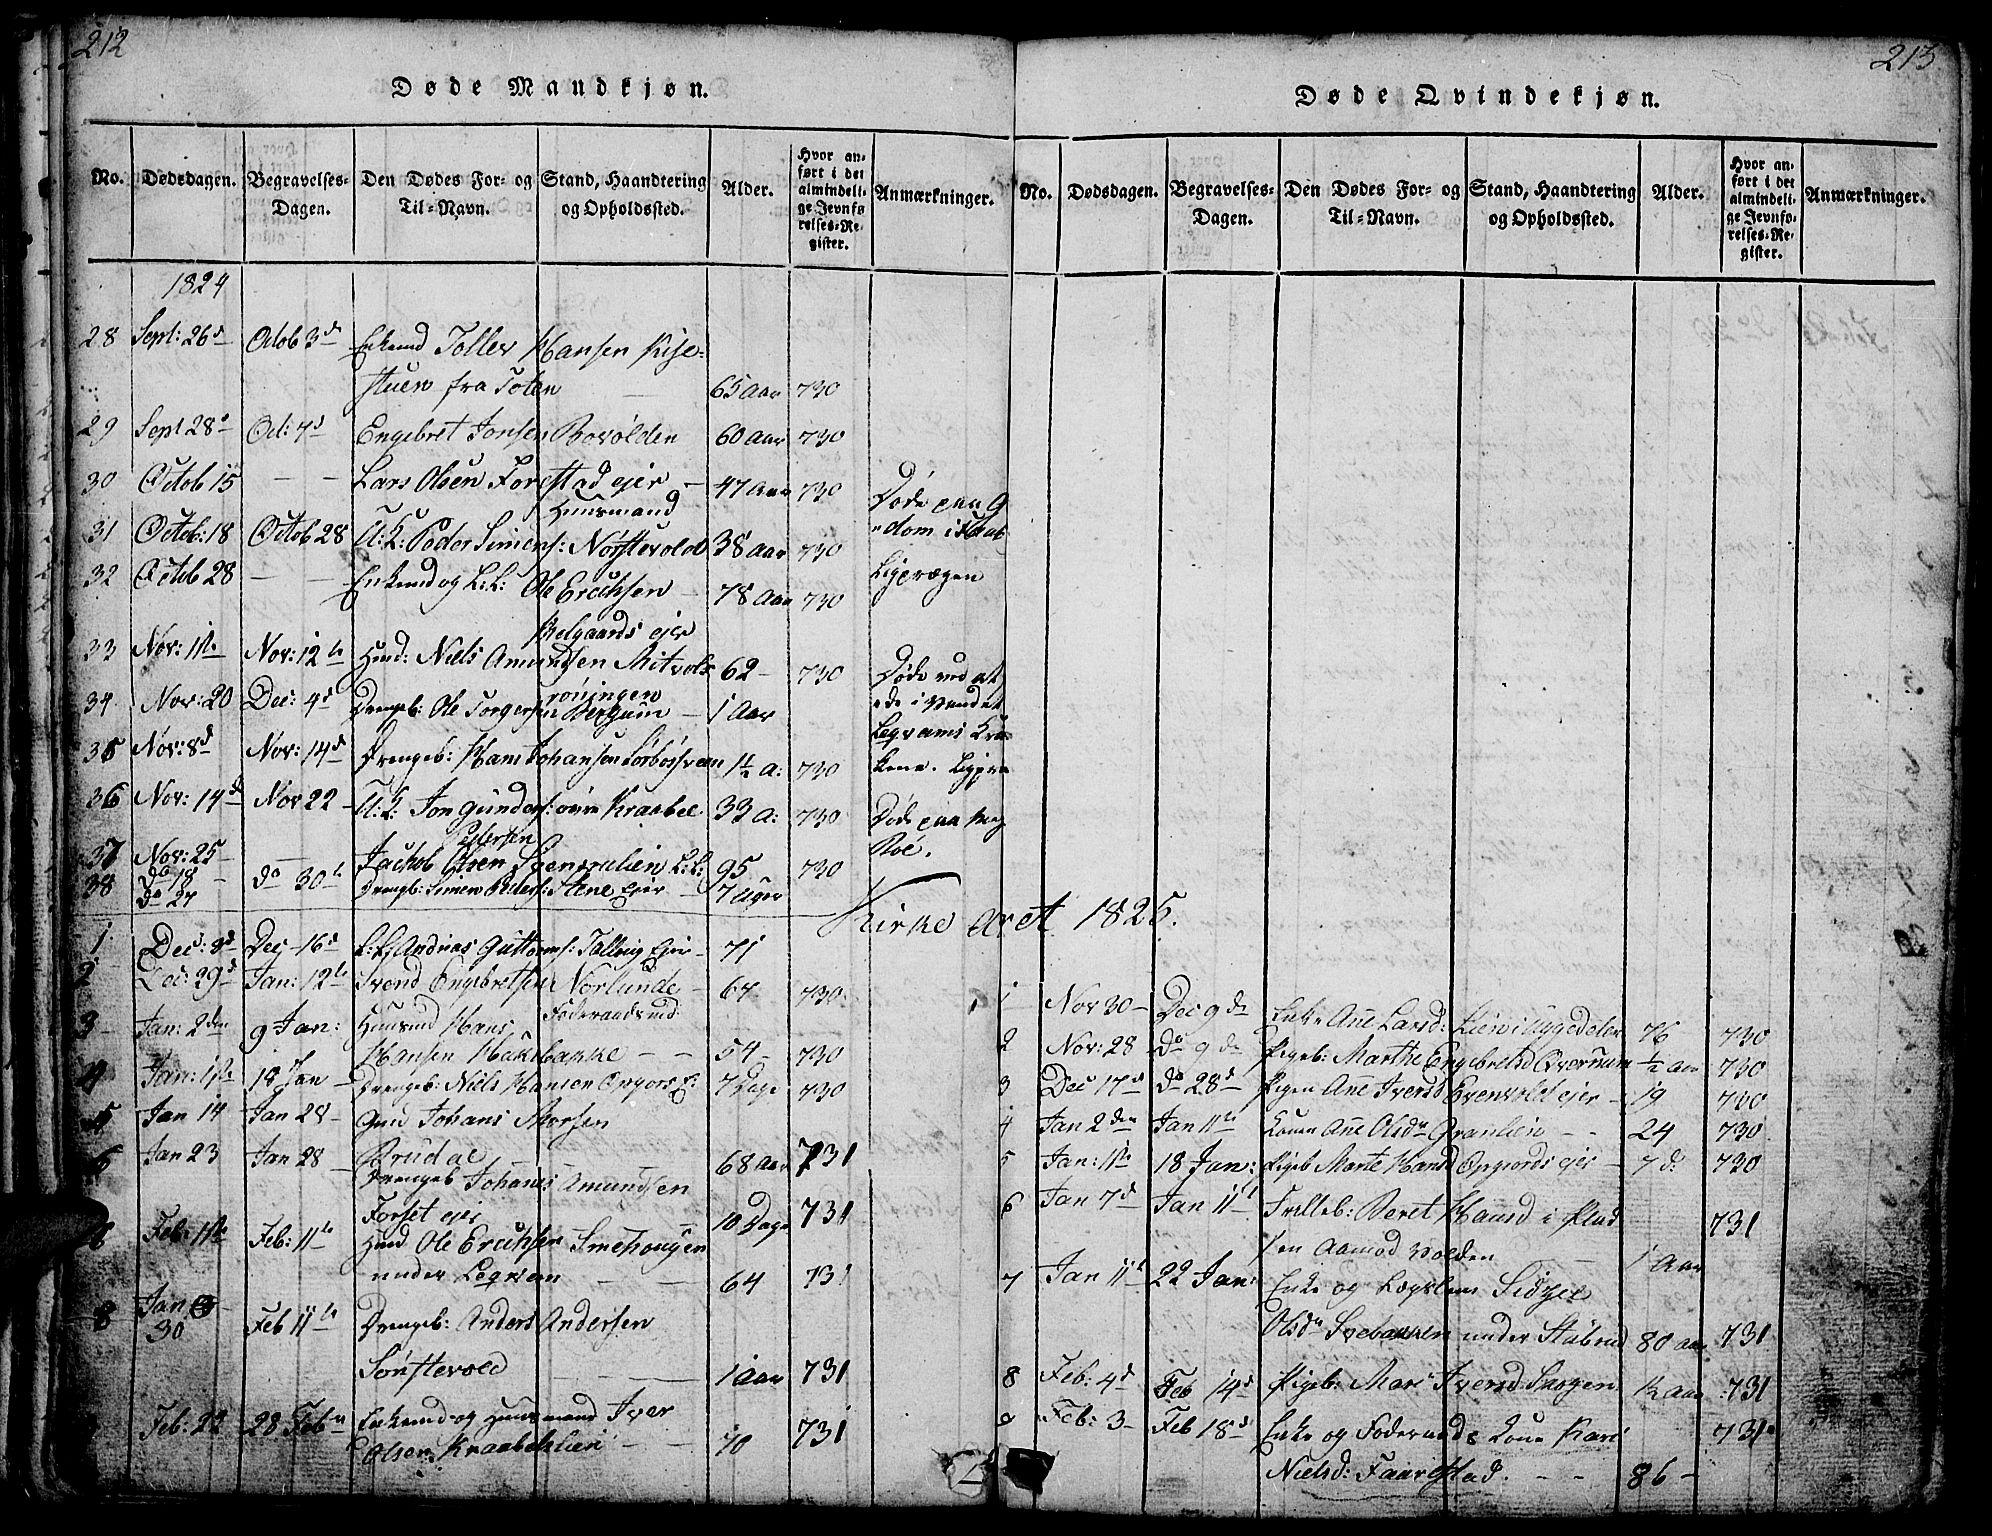 SAH, Gausdal prestekontor, Klokkerbok nr. 1, 1817-1848, s. 212-213